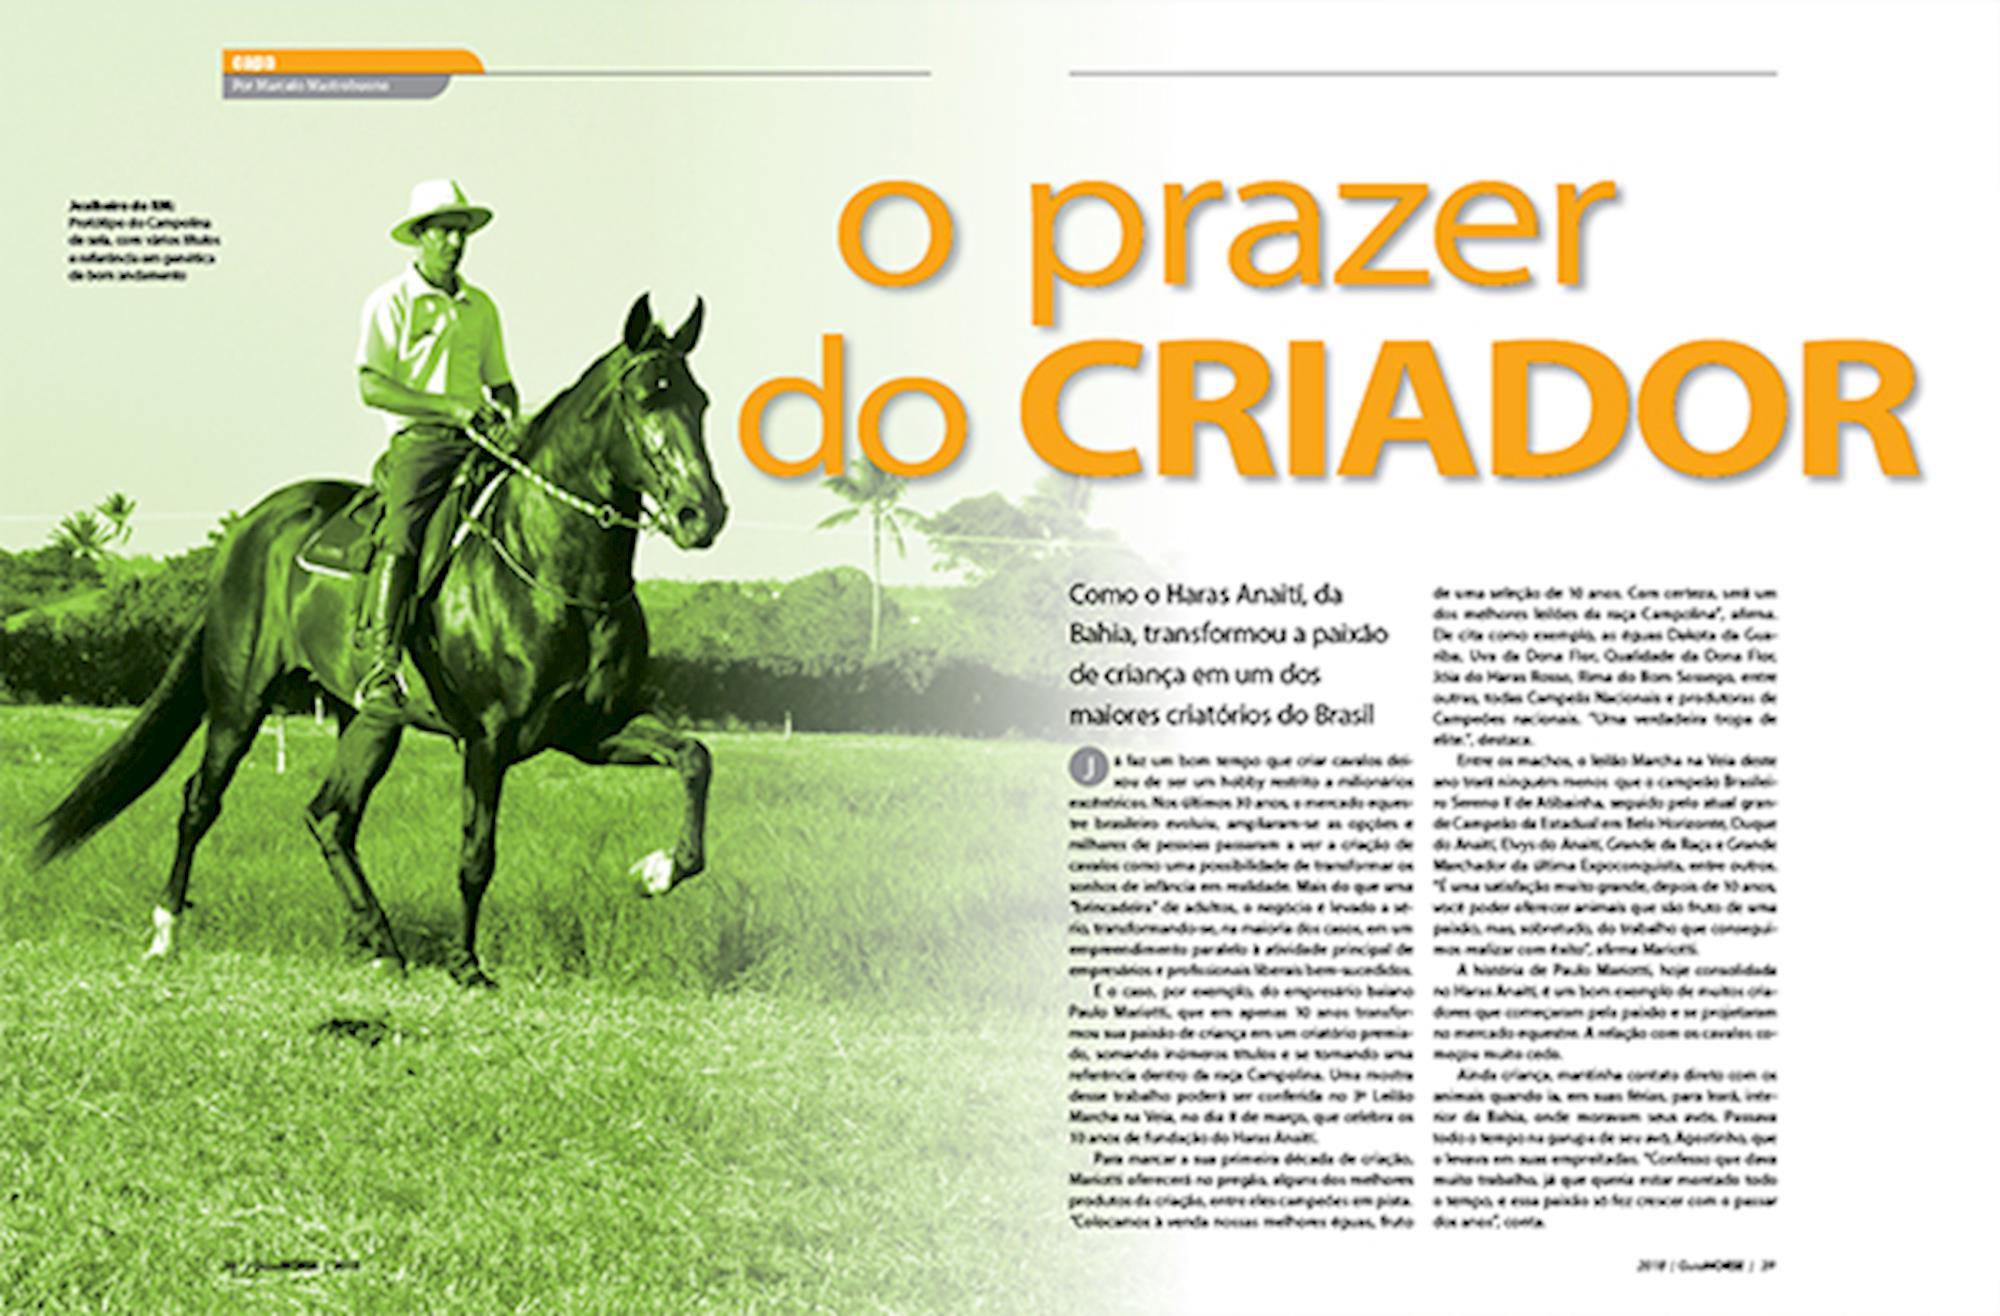 guia horse 2018, edições,